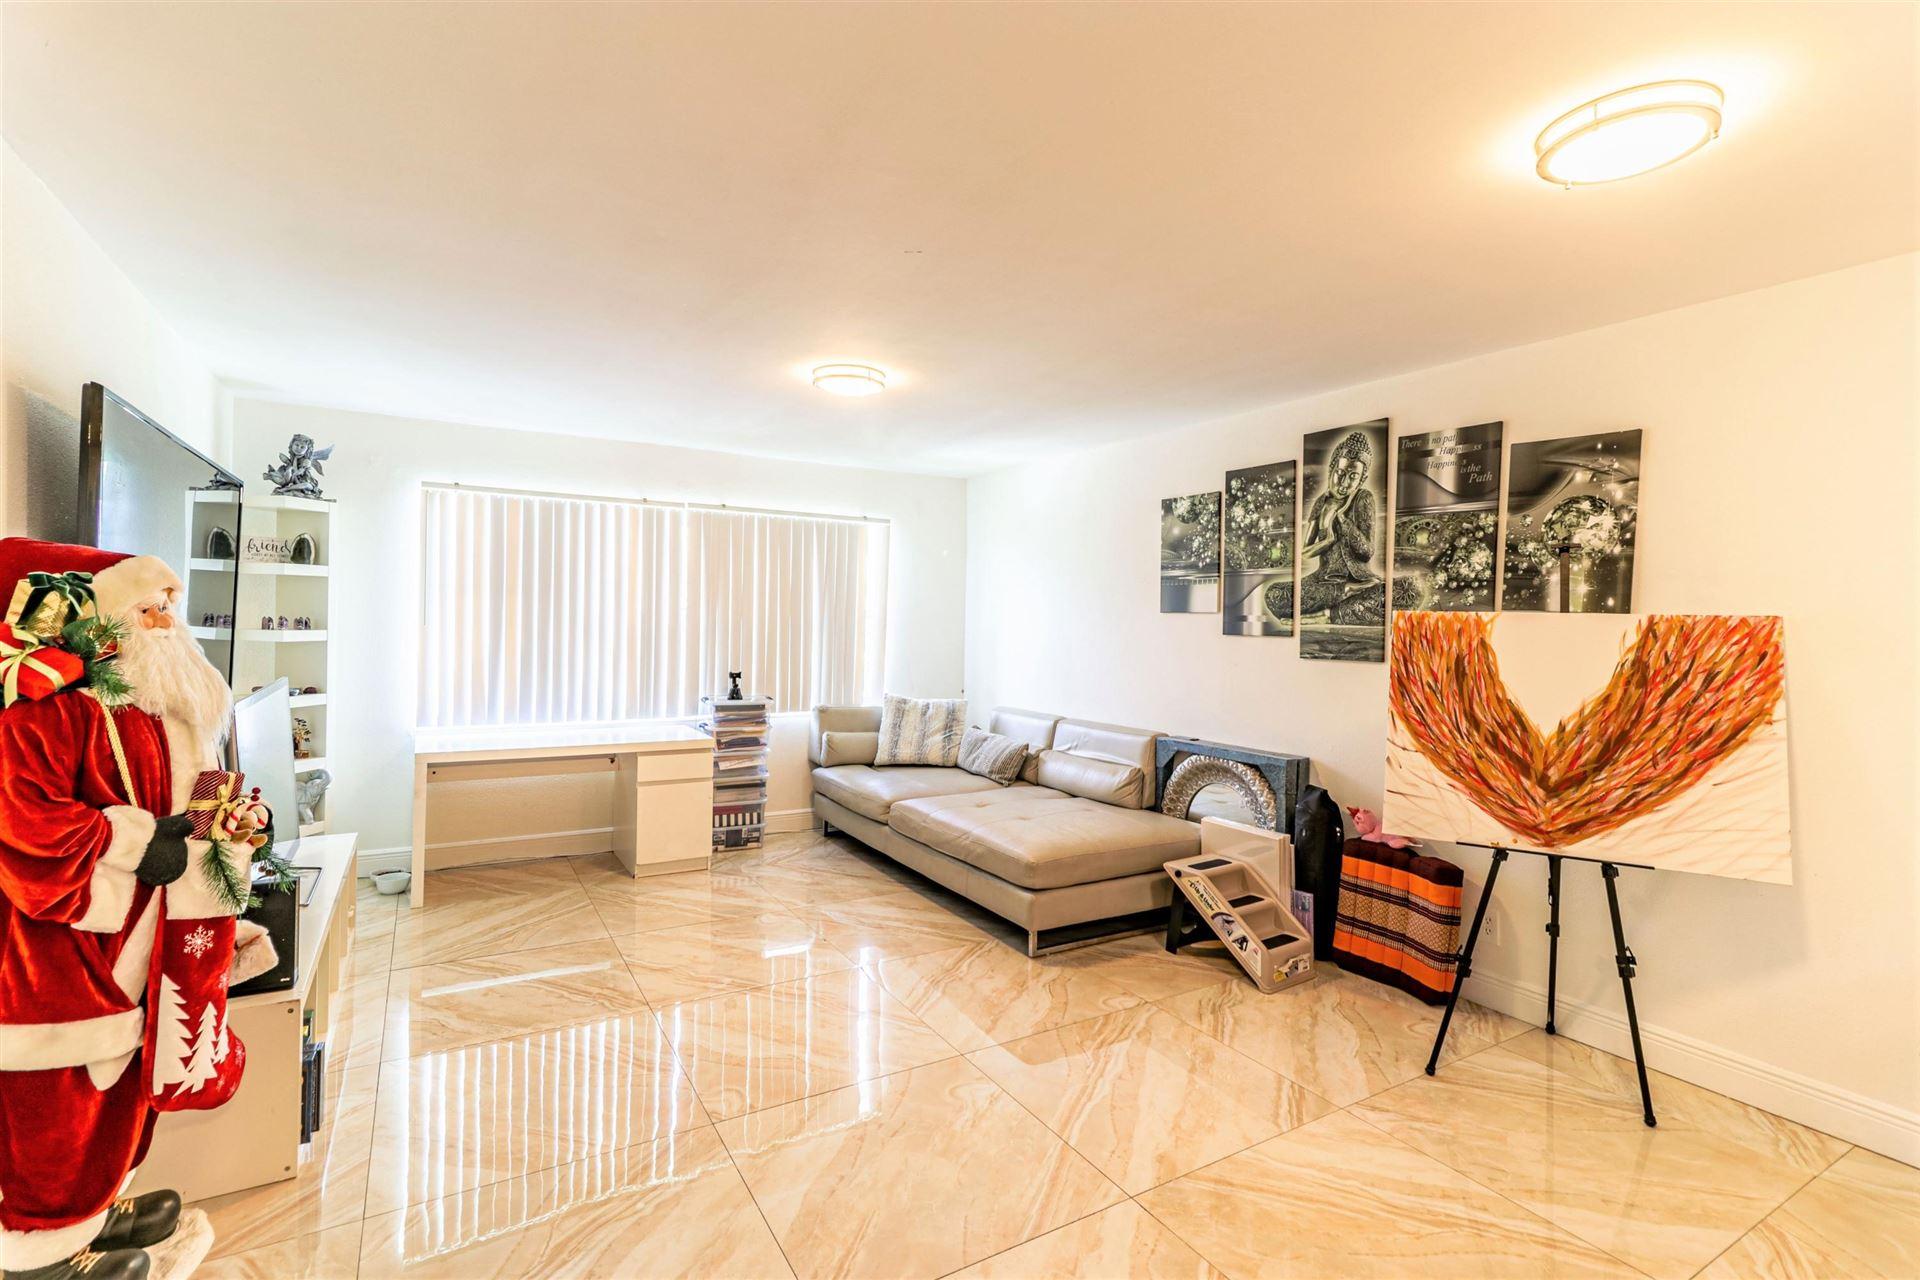 440 SE 2nd Avenue #21, Deerfield Beach, FL 33441 - #: RX-10735476